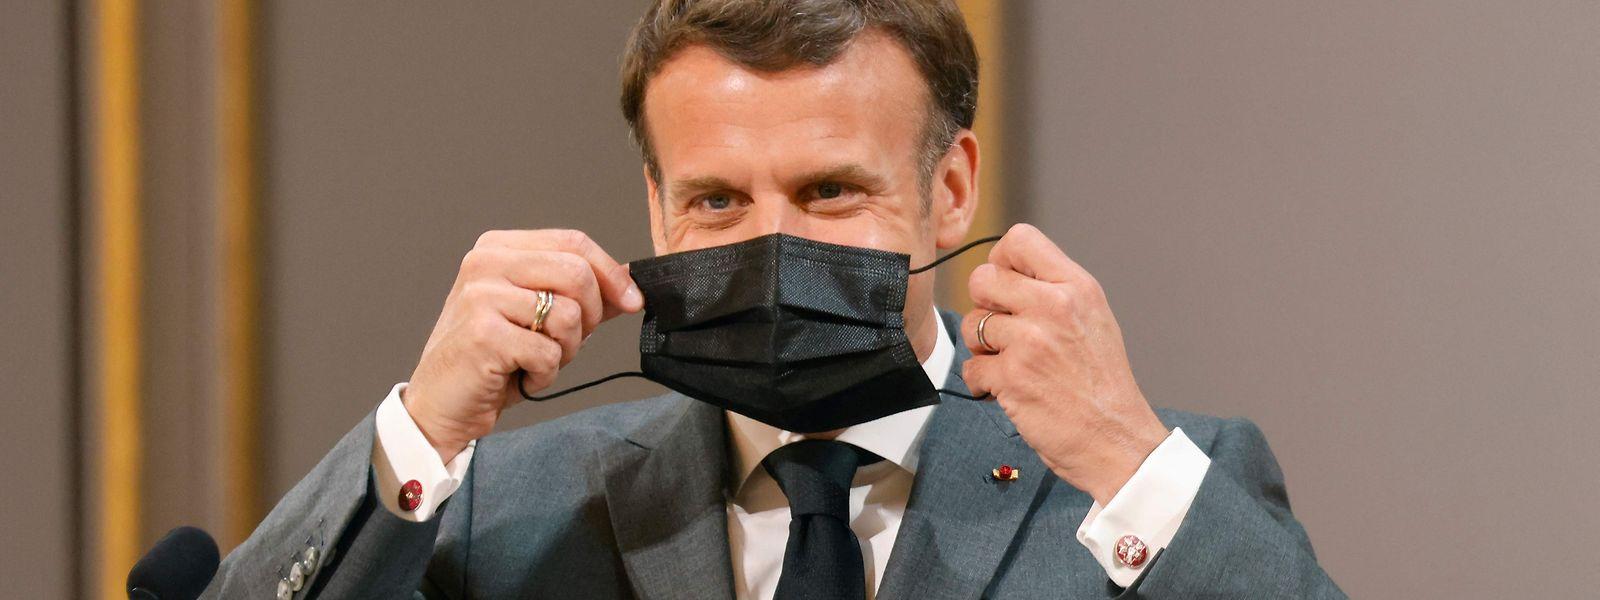 Präsident Emmanuel Macron hatte in der vergangenen Woche weitgehende Öffnungen angekündigt.